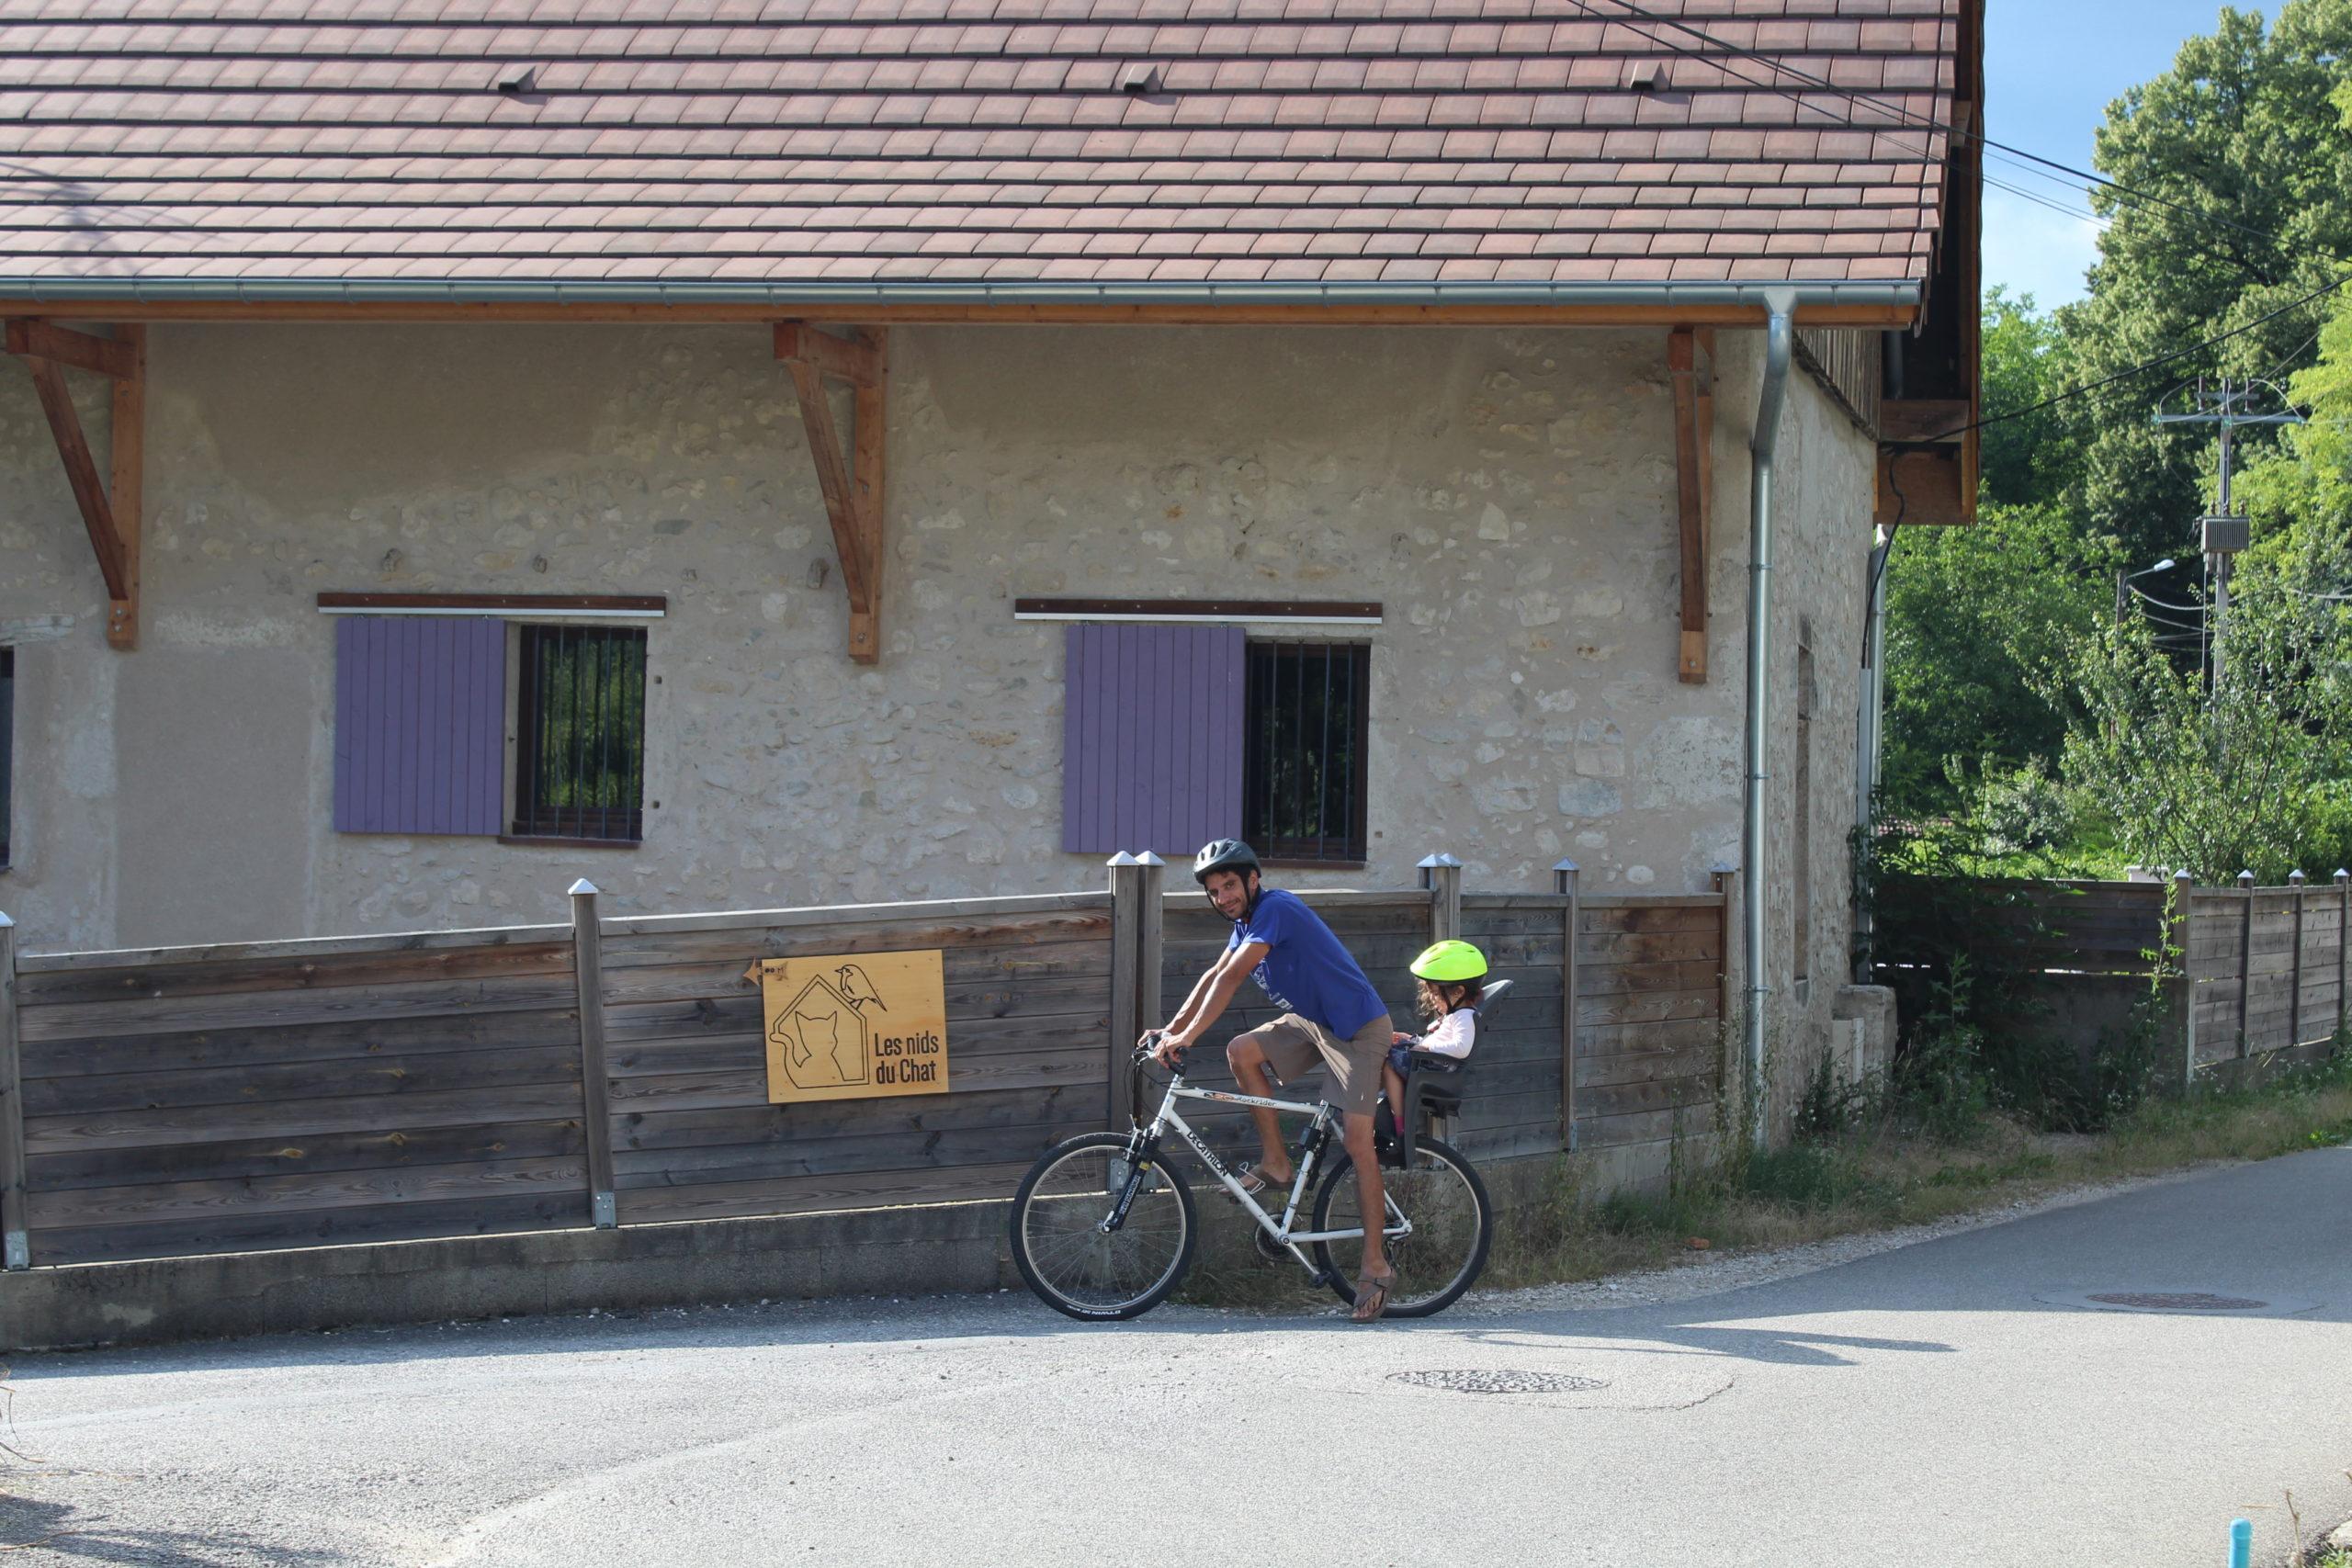 Prêt vélos pour chemins VTT autour